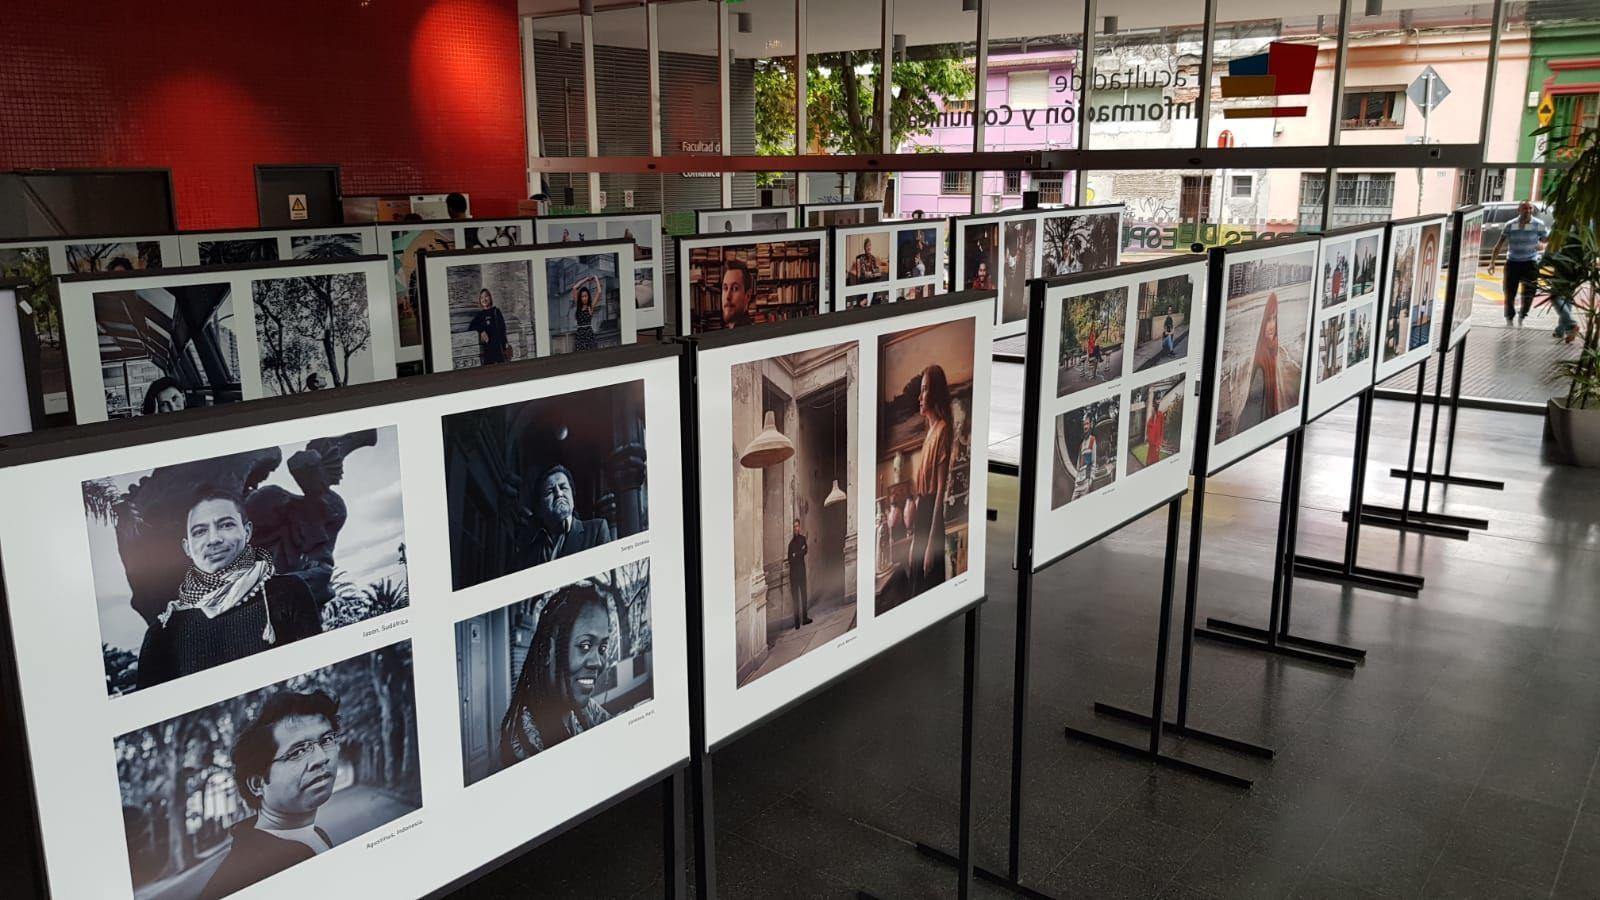 Muestra de fotos de Eliana Cleffi sobre extranjeros de 100 países viviendo en Uruguay organizada en la Facultad de Información y Comunicación (FIC) en Montevideo